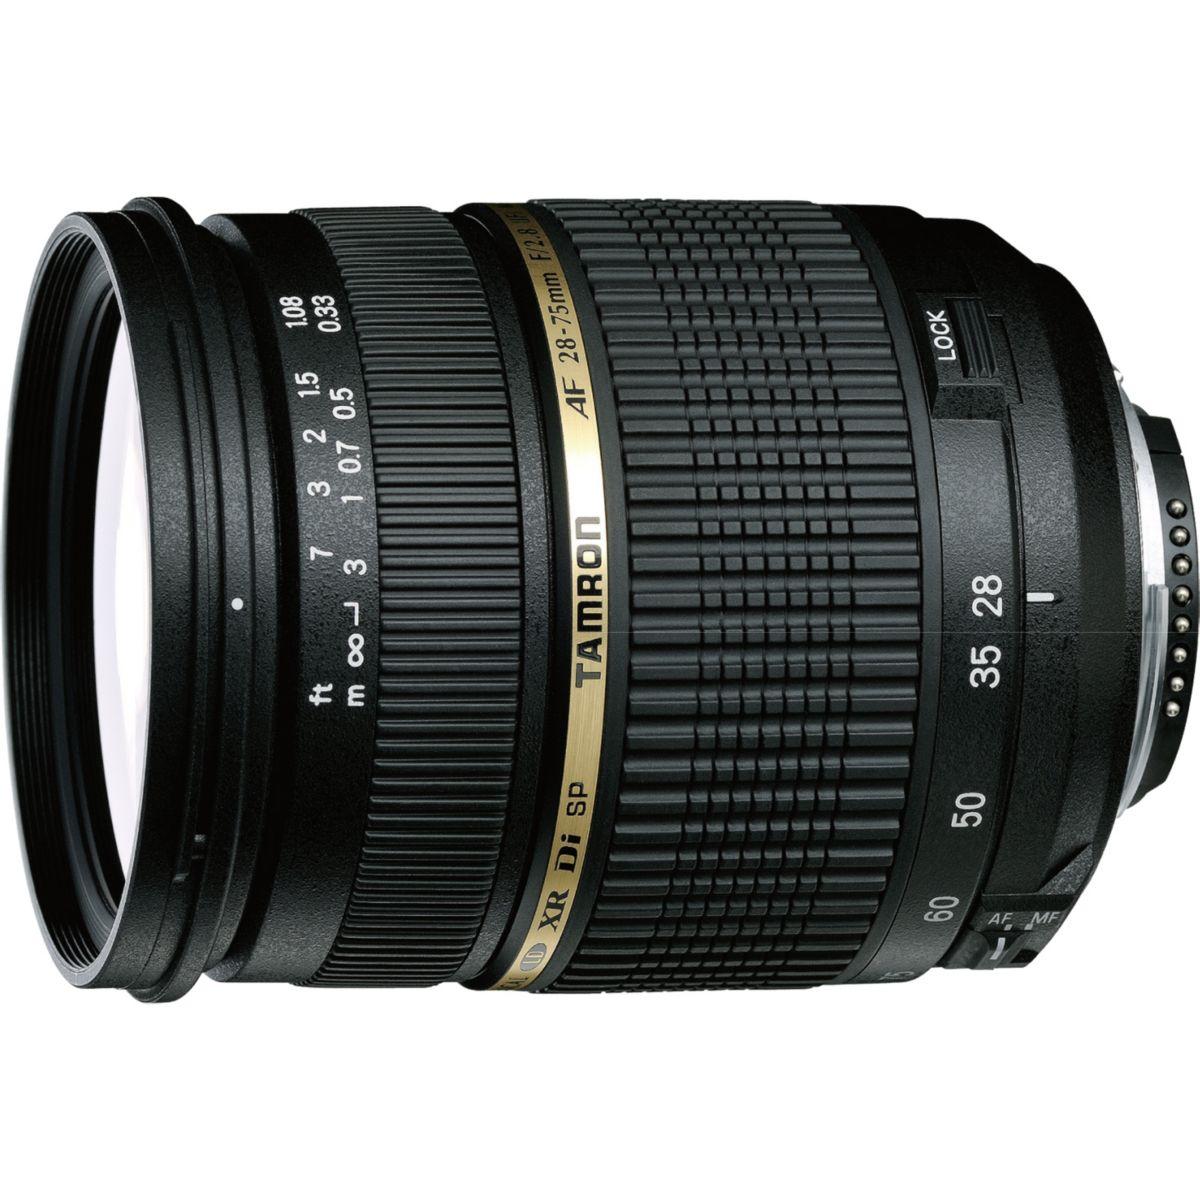 Objectif TAMRON 28-75mm F/2,8 SP Asph XR Di LD IF macro Nikon (pour reflex NIKON)